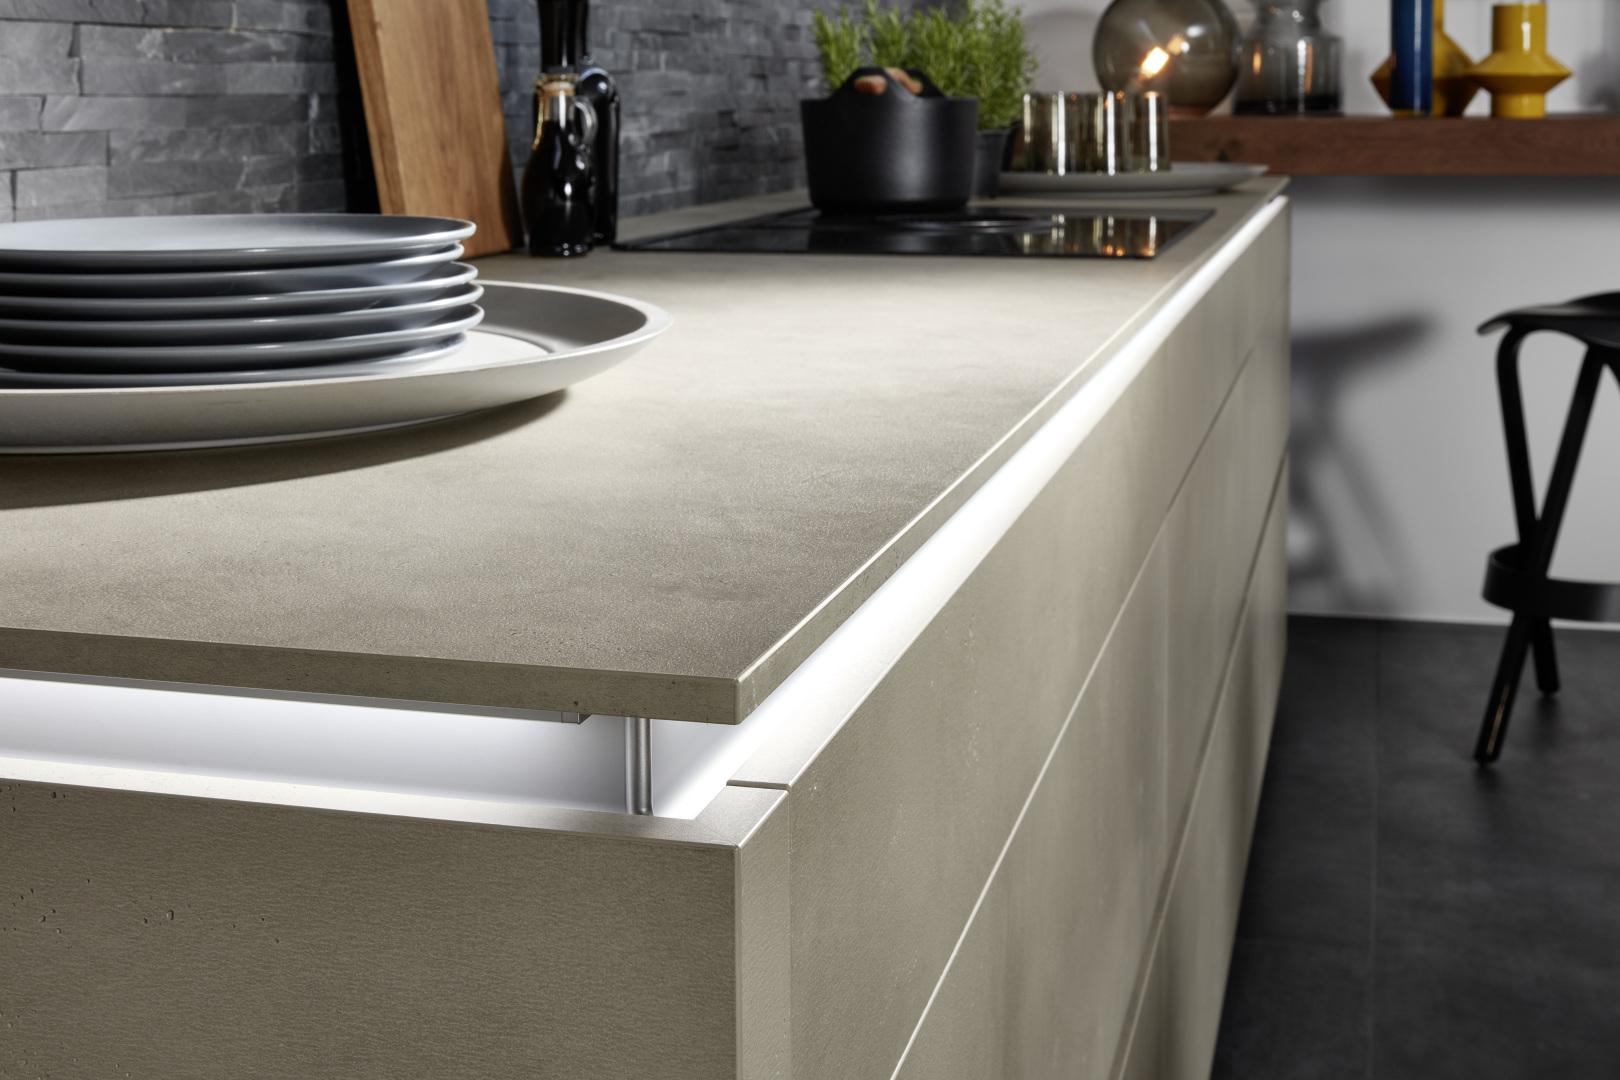 meuble marron moderne pour meuble de cuisine aménagement haut de gamme